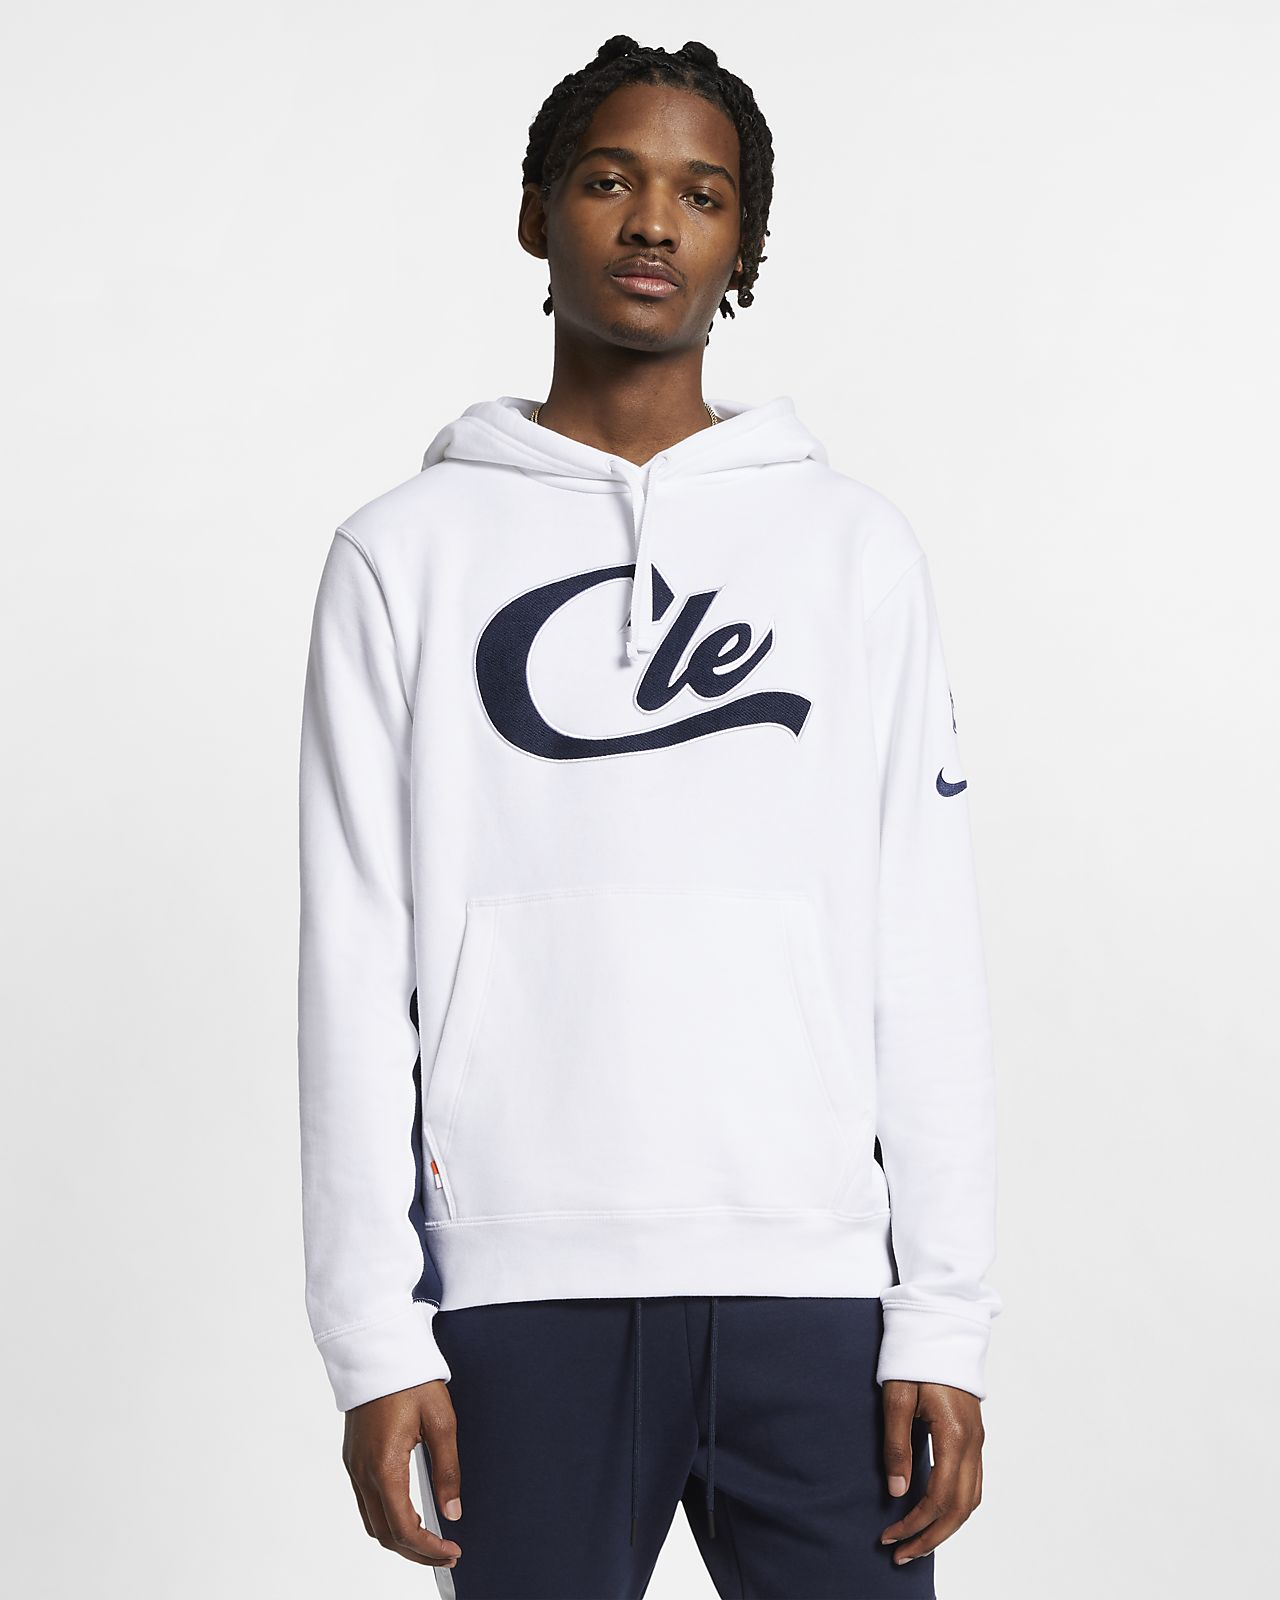 Pánská mikina NBA Cleveland Cavaliers Nike s kapucí